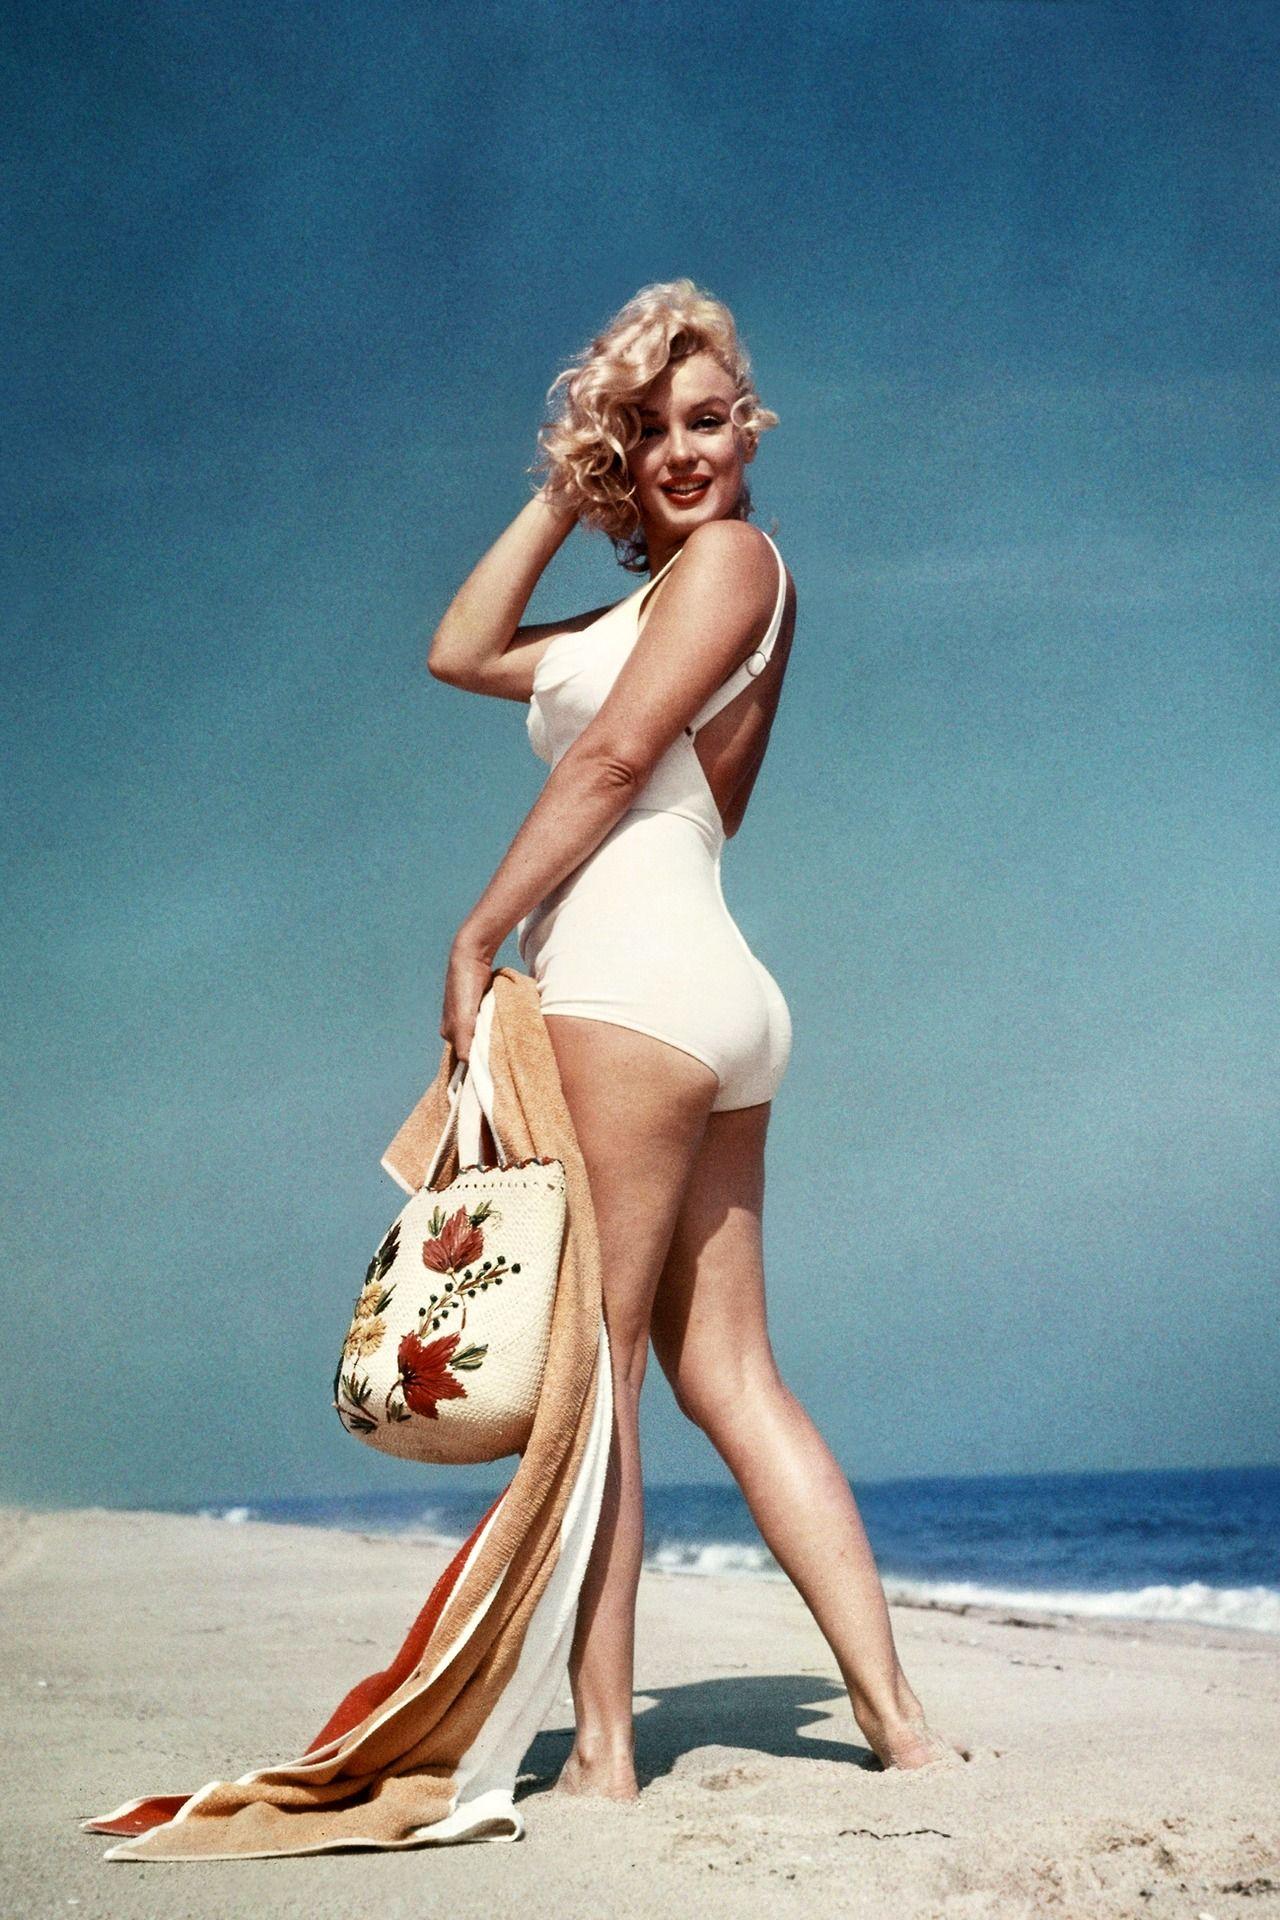 Marilyn Monroe imádta a strandolást, ez Sam Shaw 1958-as képein is látszik